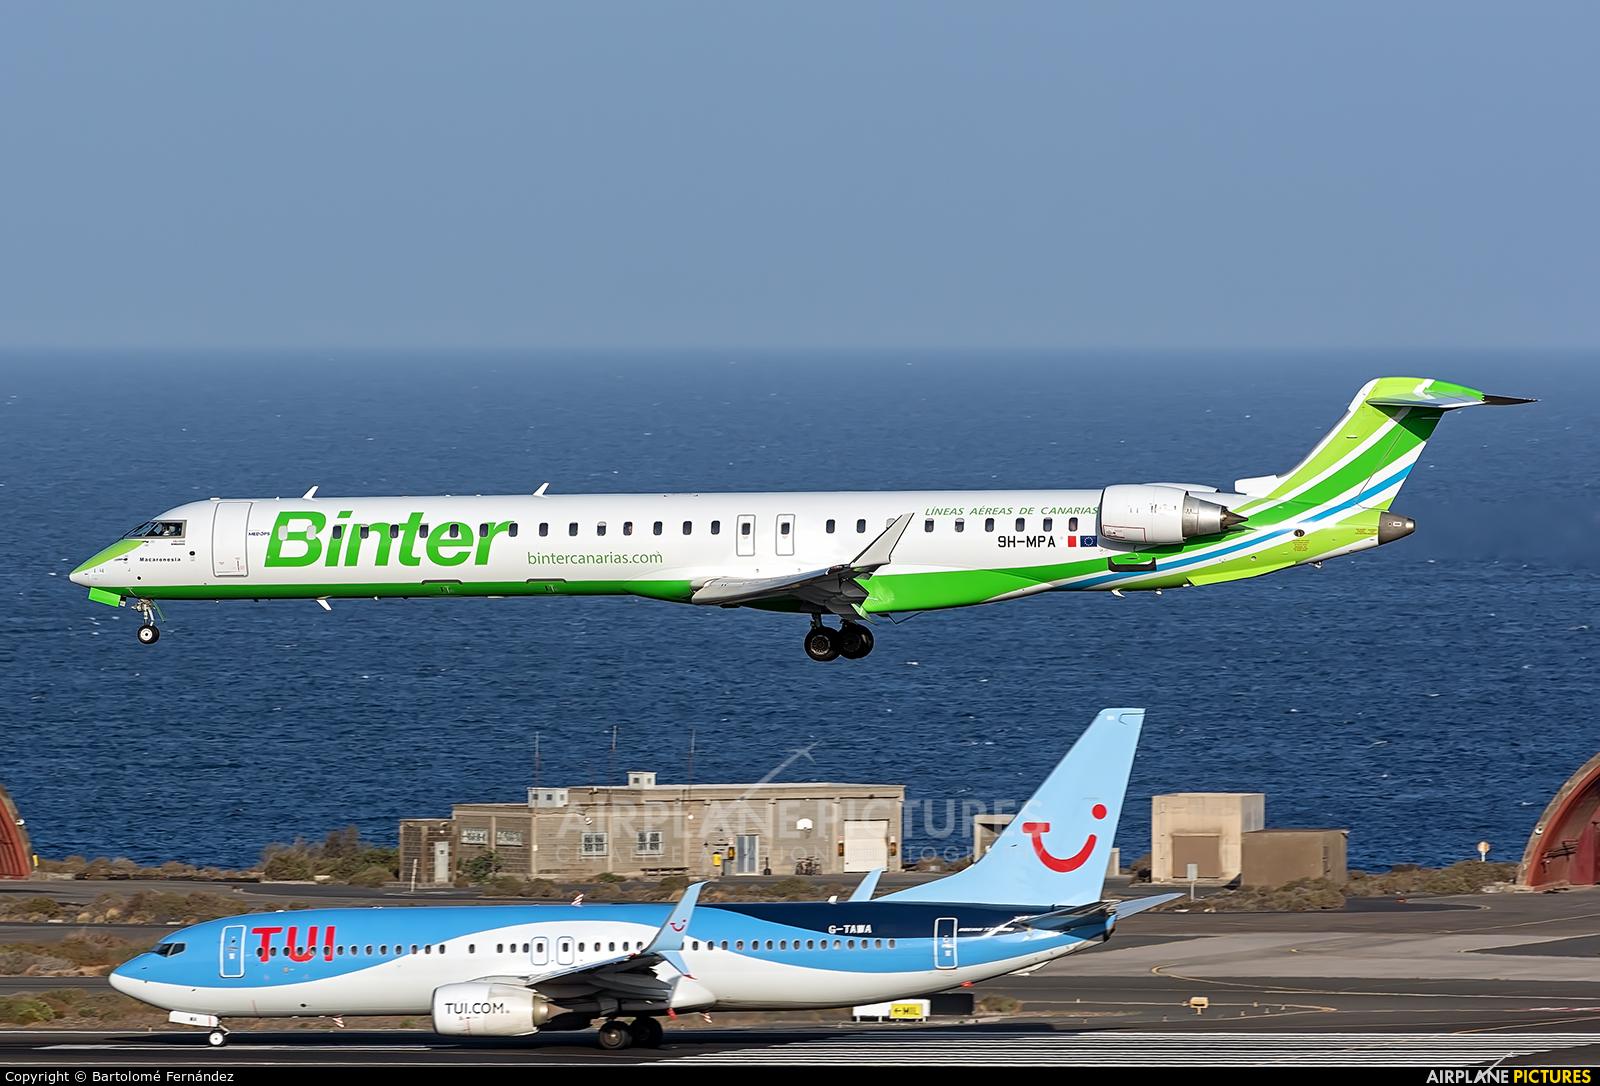 Binter Canarias 9H-MPA aircraft at Aeropuerto de Gran Canaria